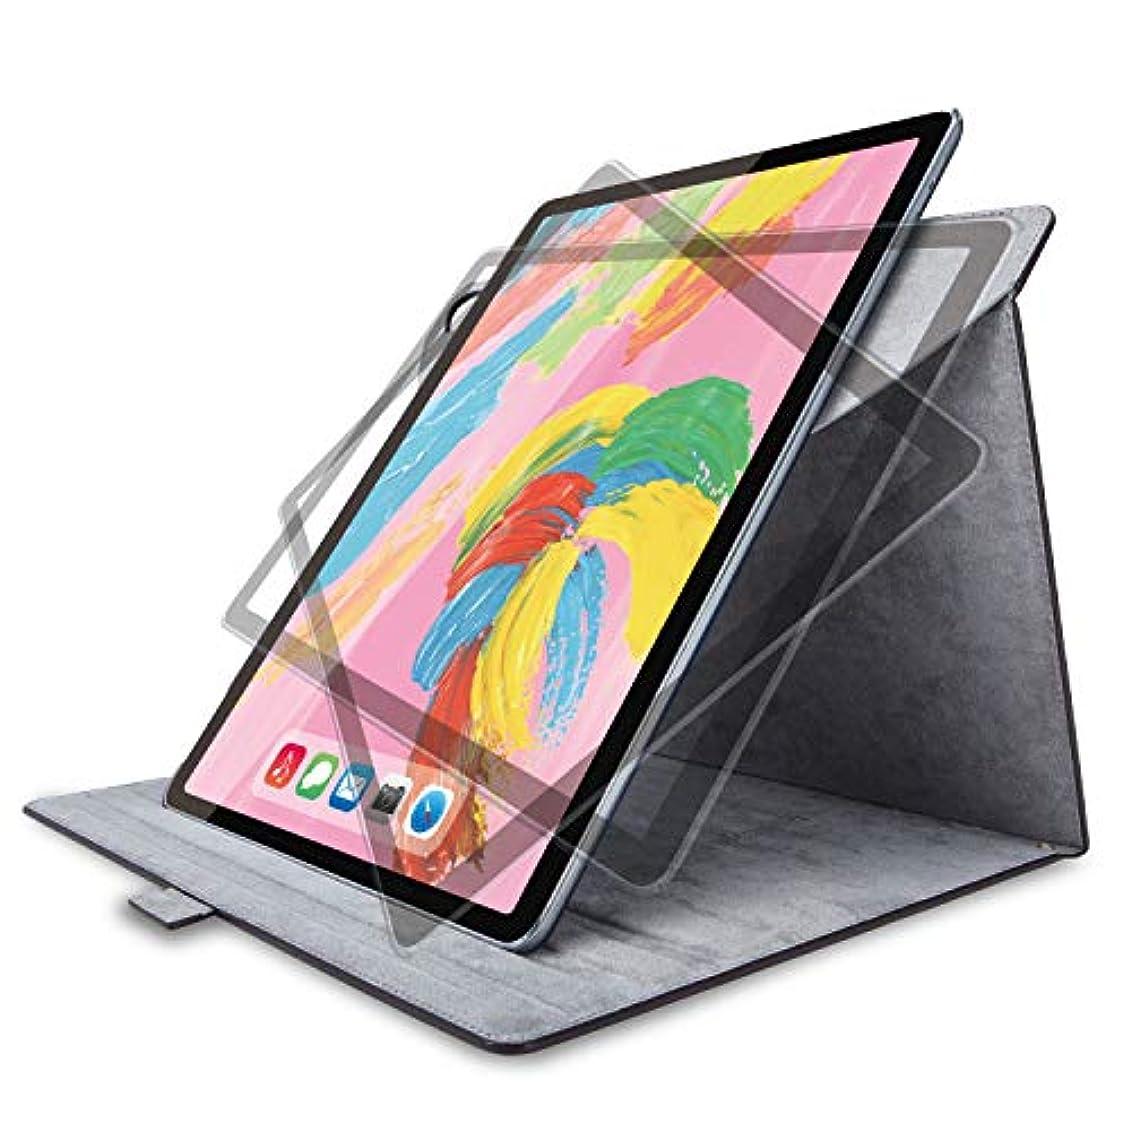 召集する送信する素晴らしきエレコム iPad Pro 12.9インチ (新iPad Pro 2018年モデル) フラップカバー ソフトレザー 360度回転 ブラック TB-A18L360BK